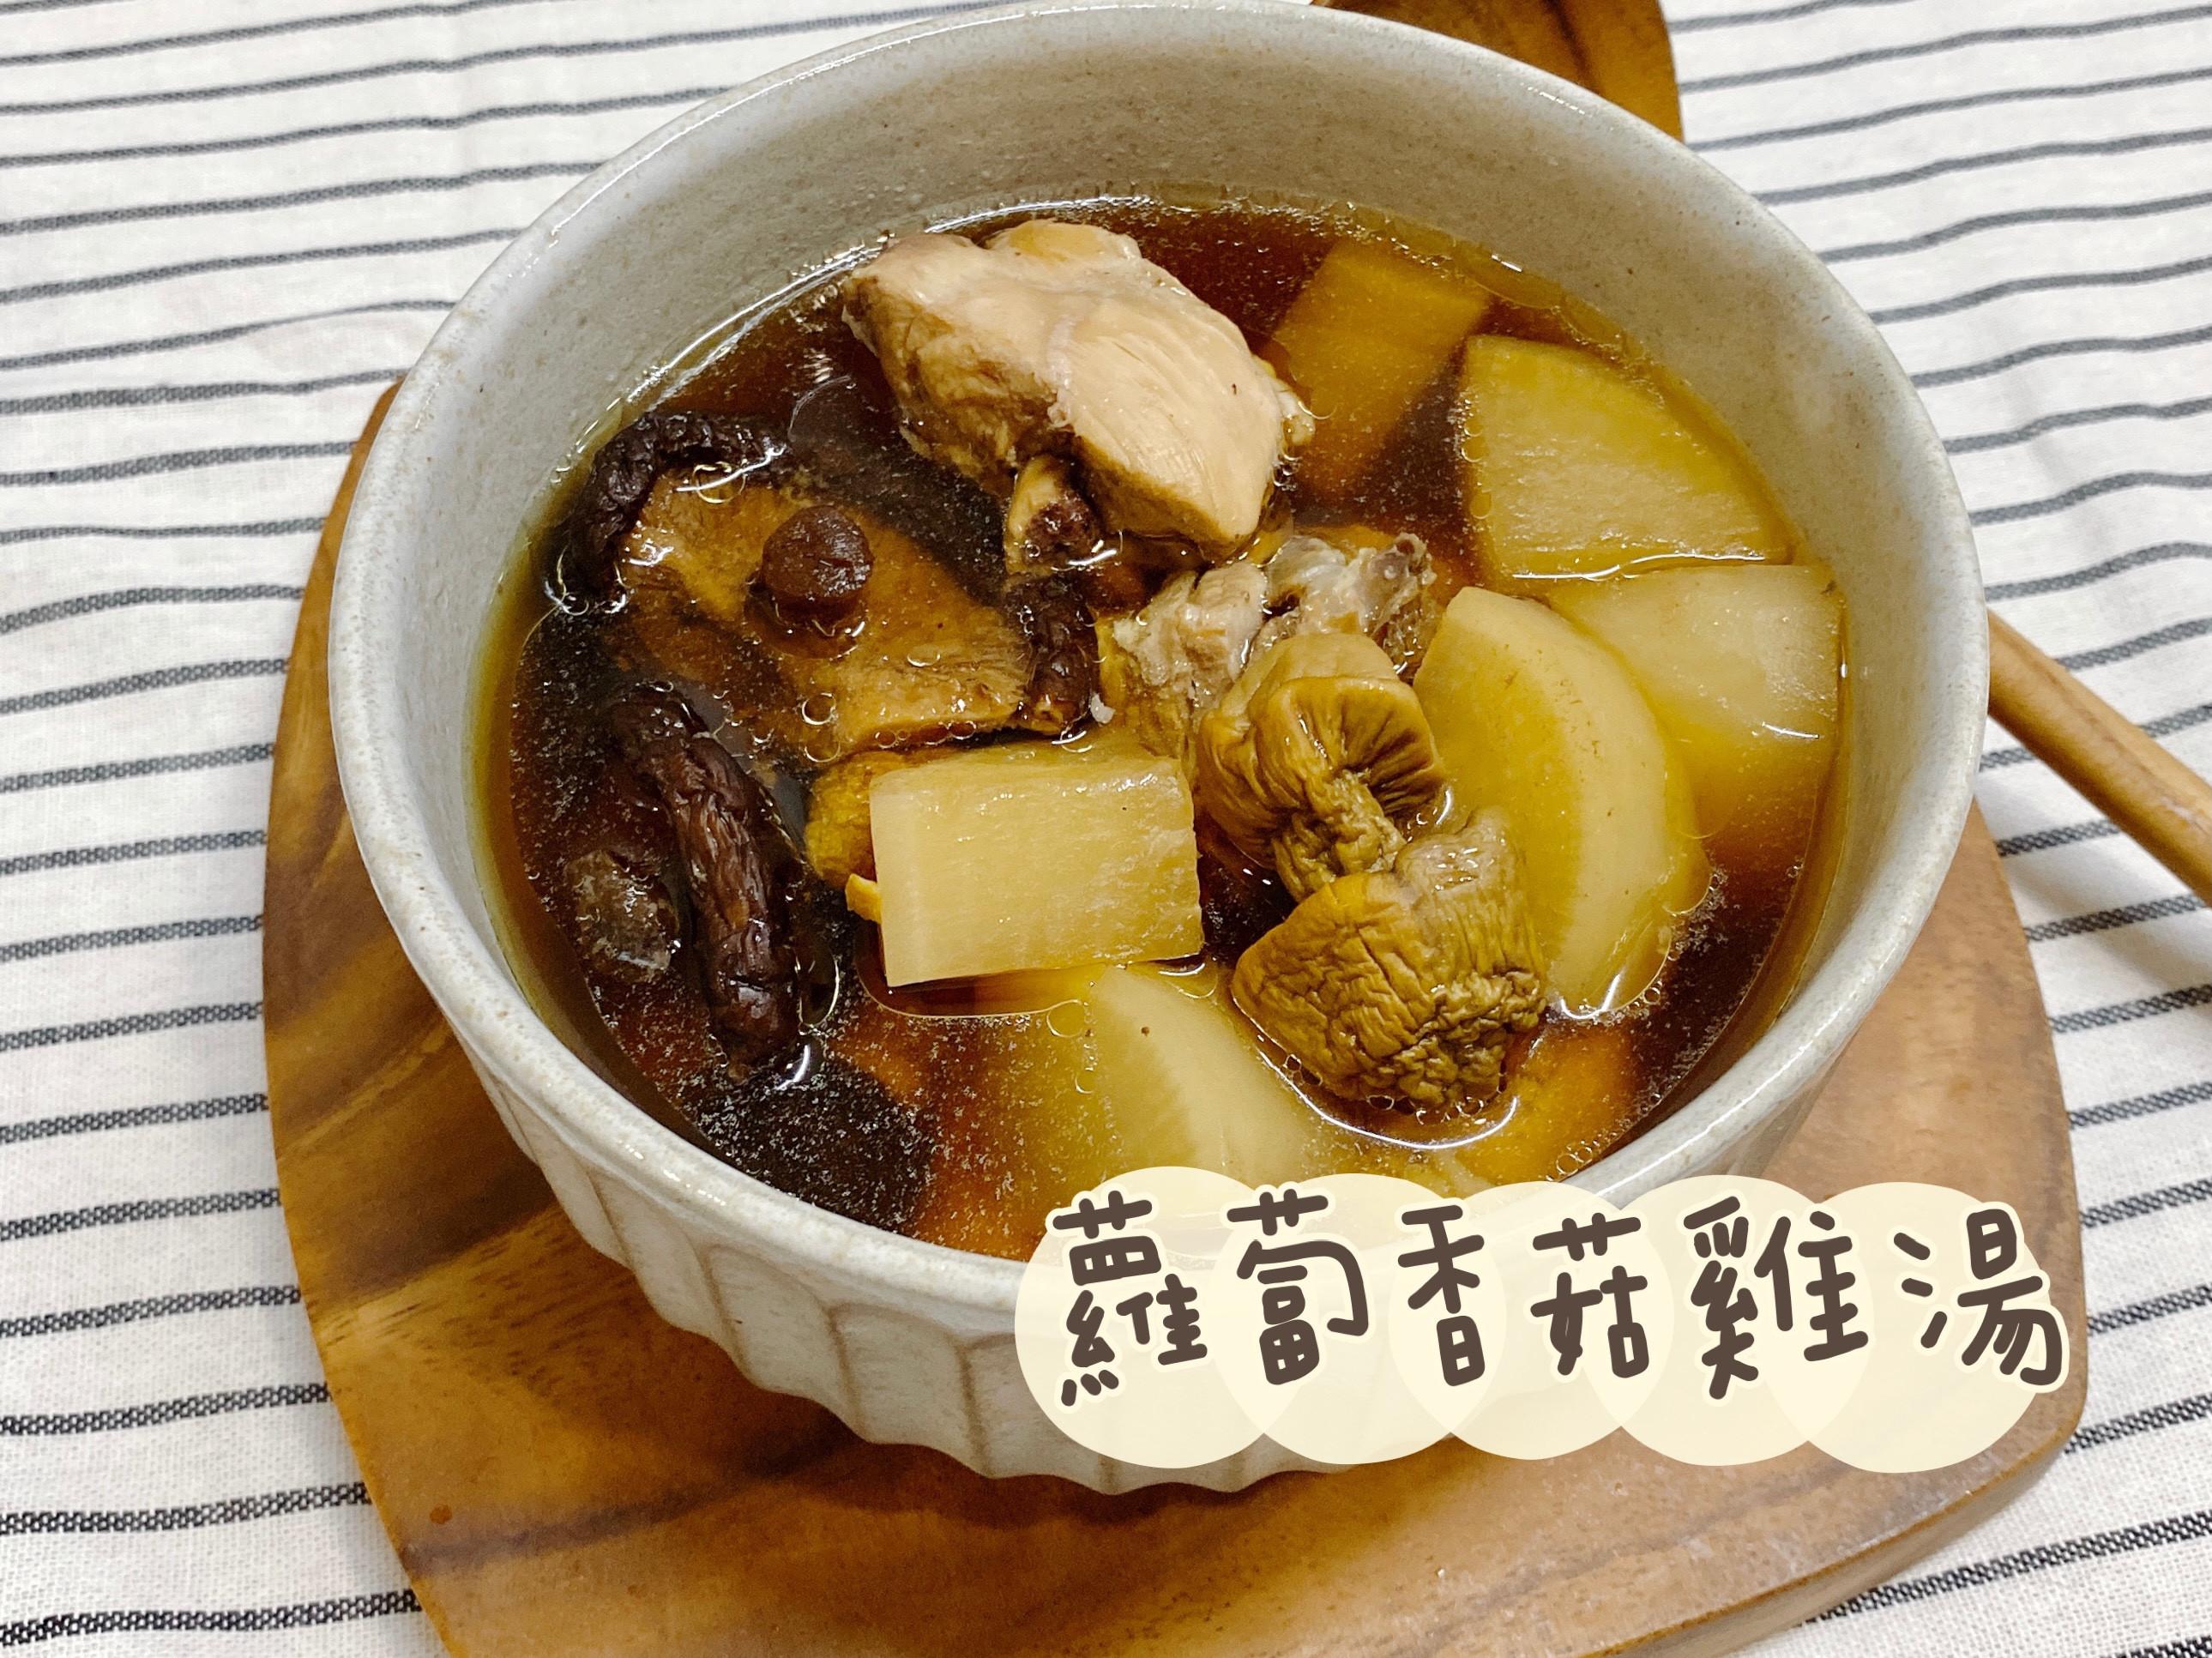 蘿蔔香菇雞湯(飛利浦微電鍋)